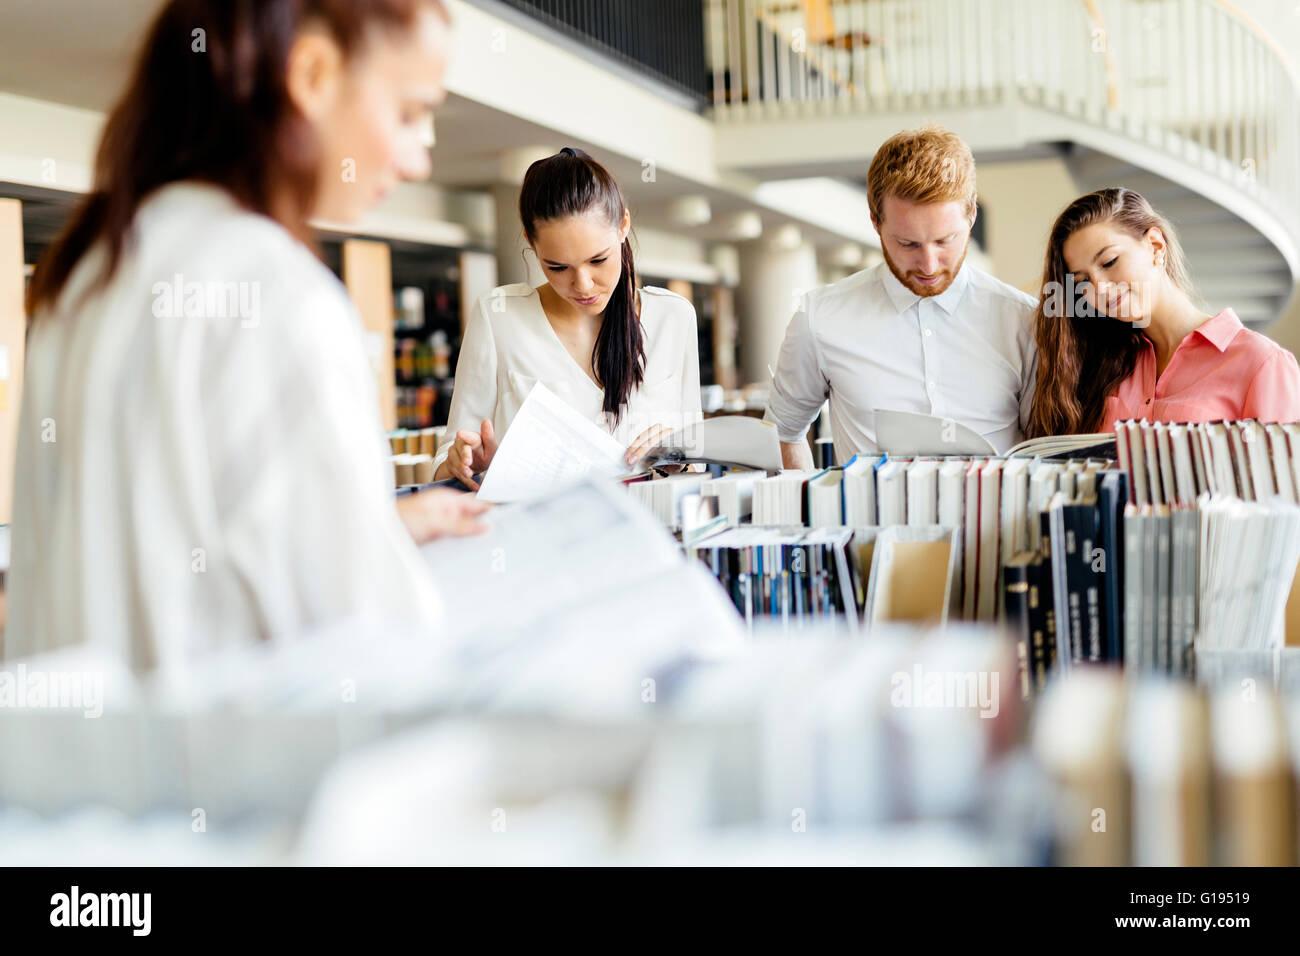 Groupe d'étudiants qui étudient en bibliothèque et la lecture de livres Photo Stock